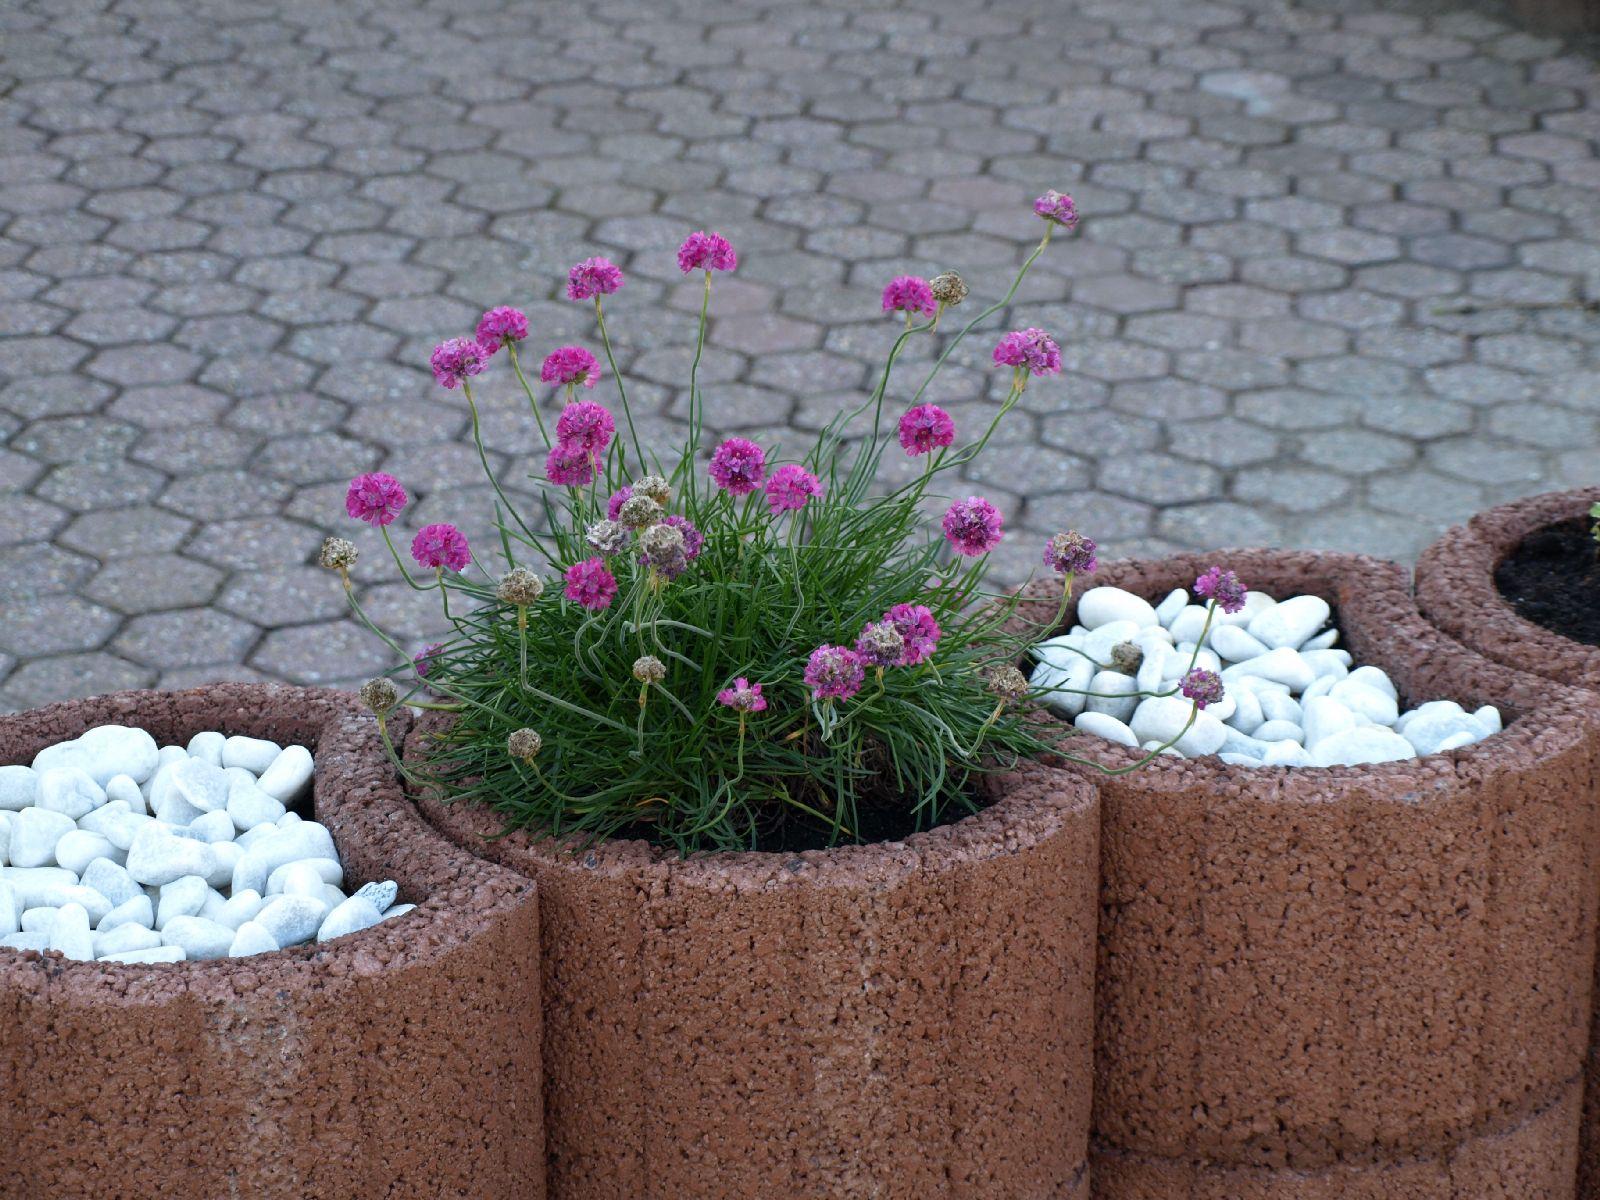 Pflanzen-Blumen-Foto_Textur_B_P6153460